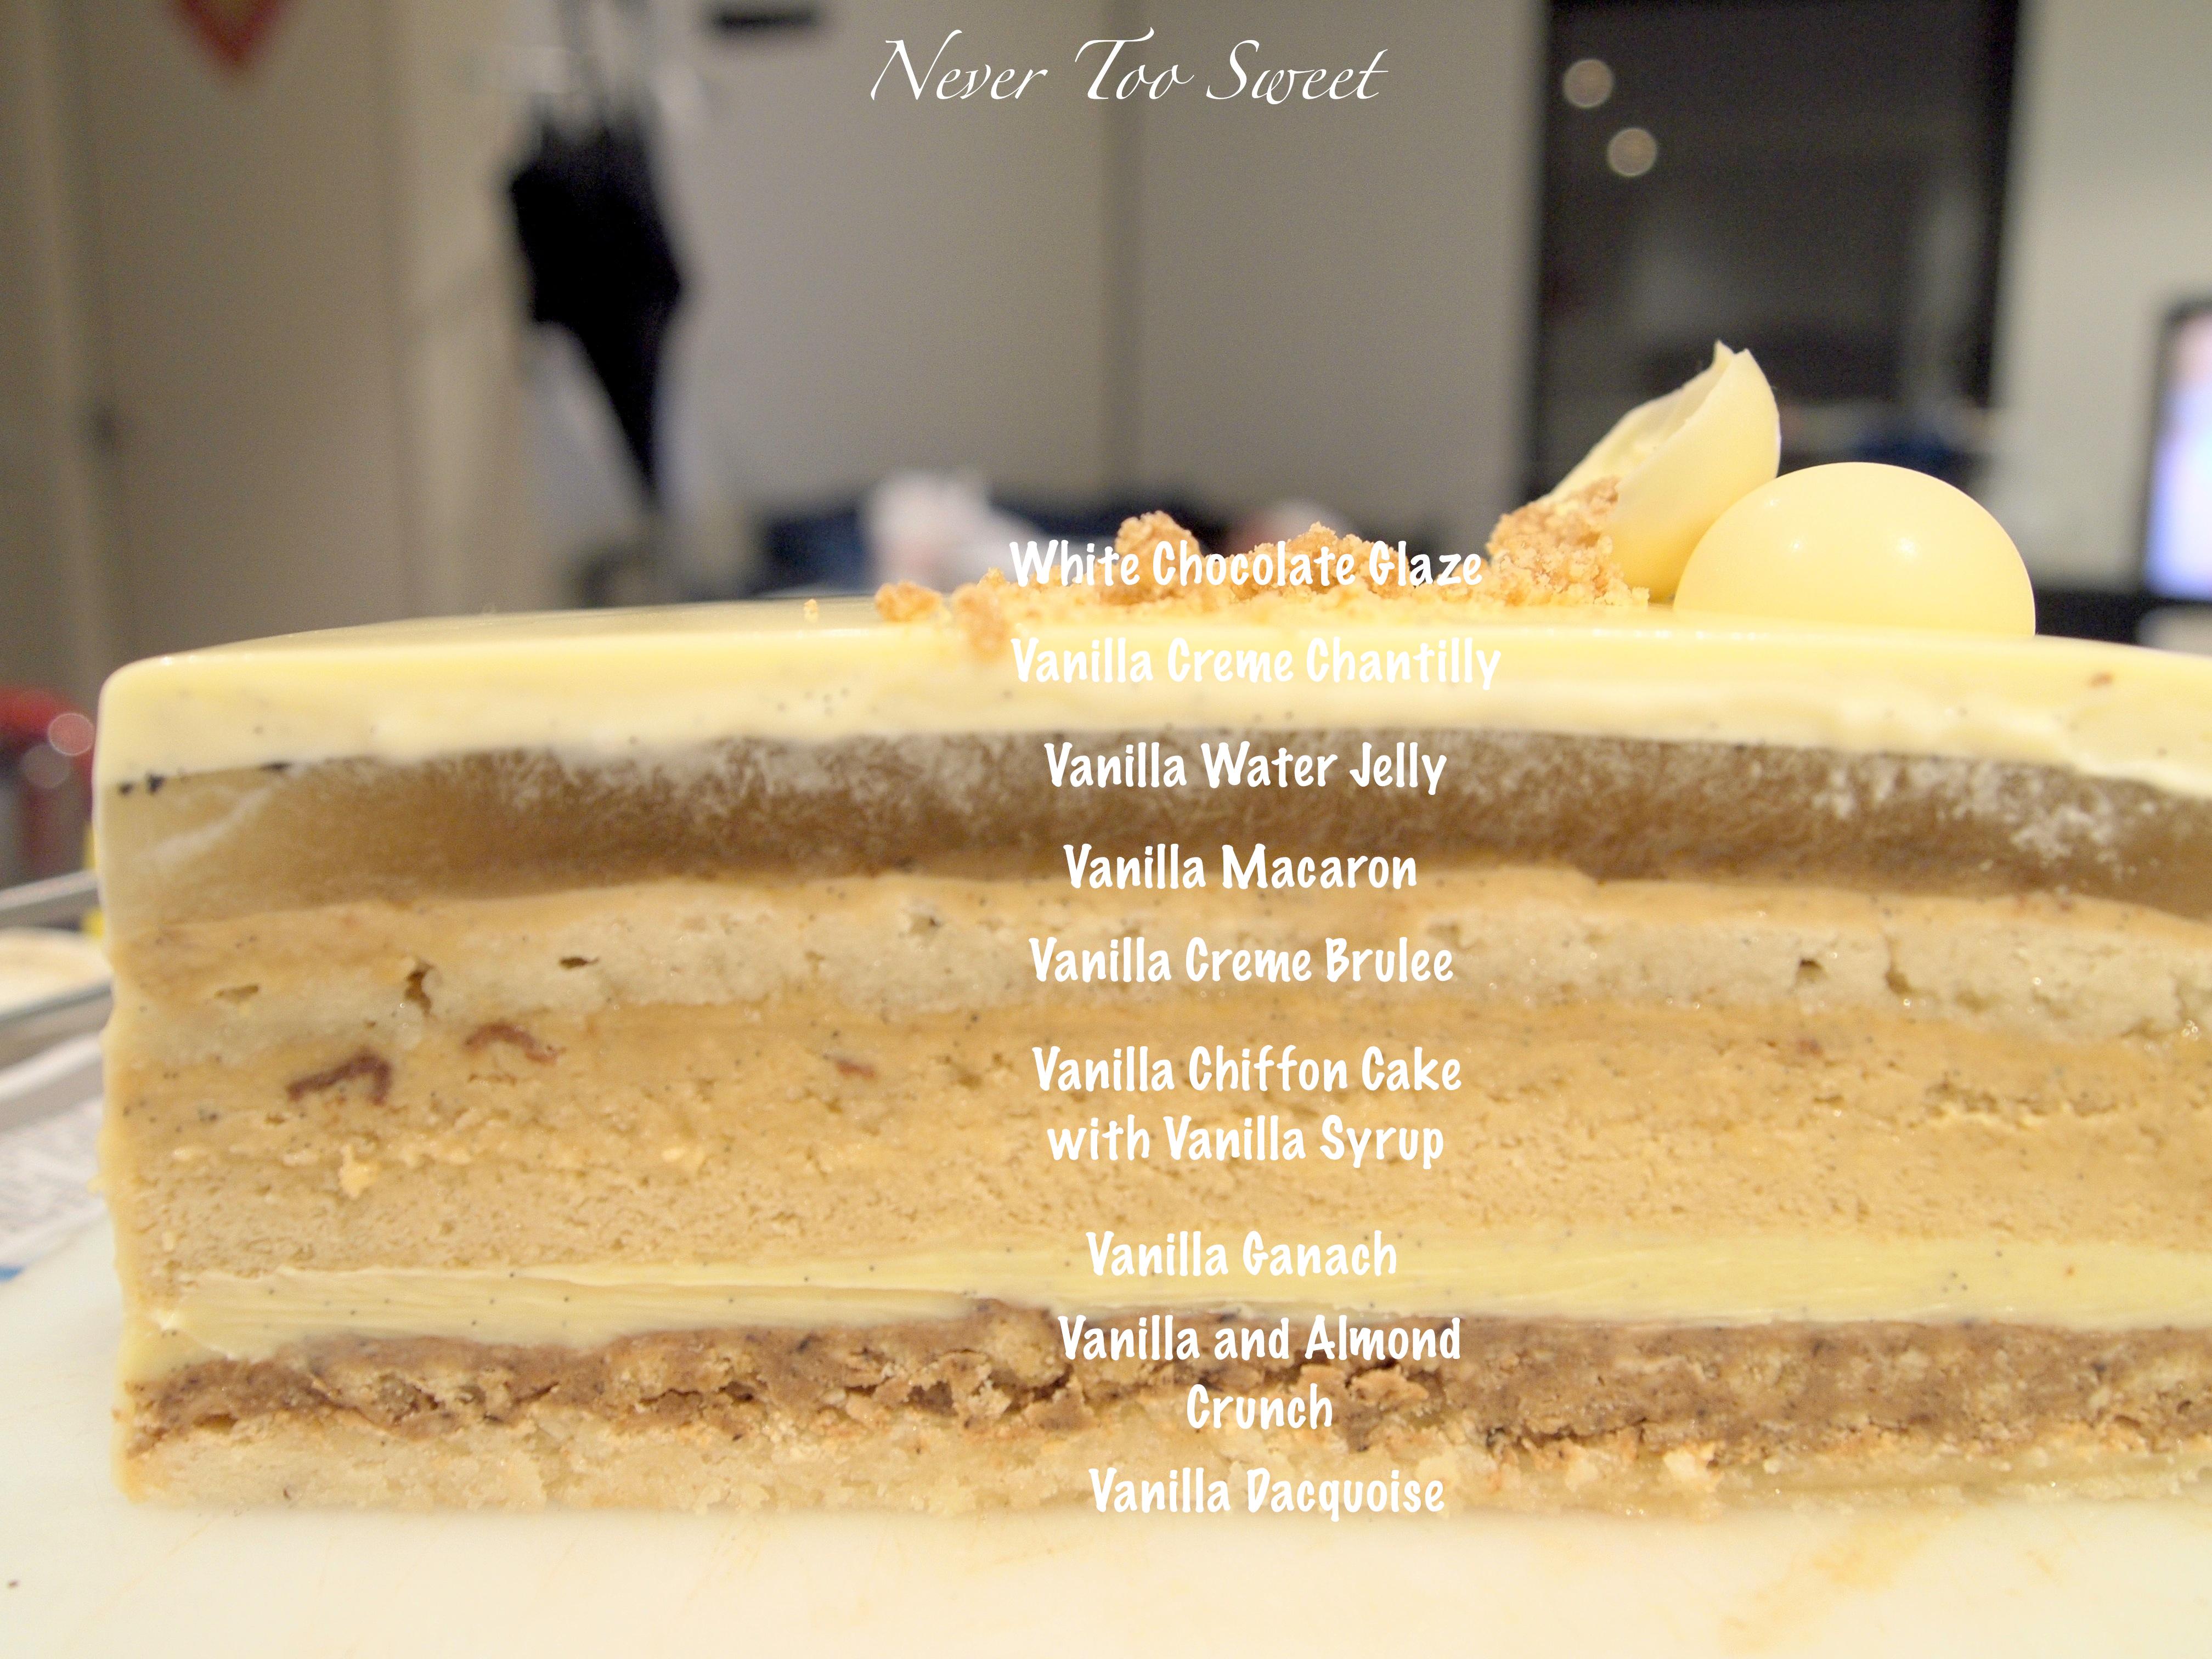 Birthday Cakes Zumbo ~ Cake monster recipes adriano zumbo cake v8 recipes